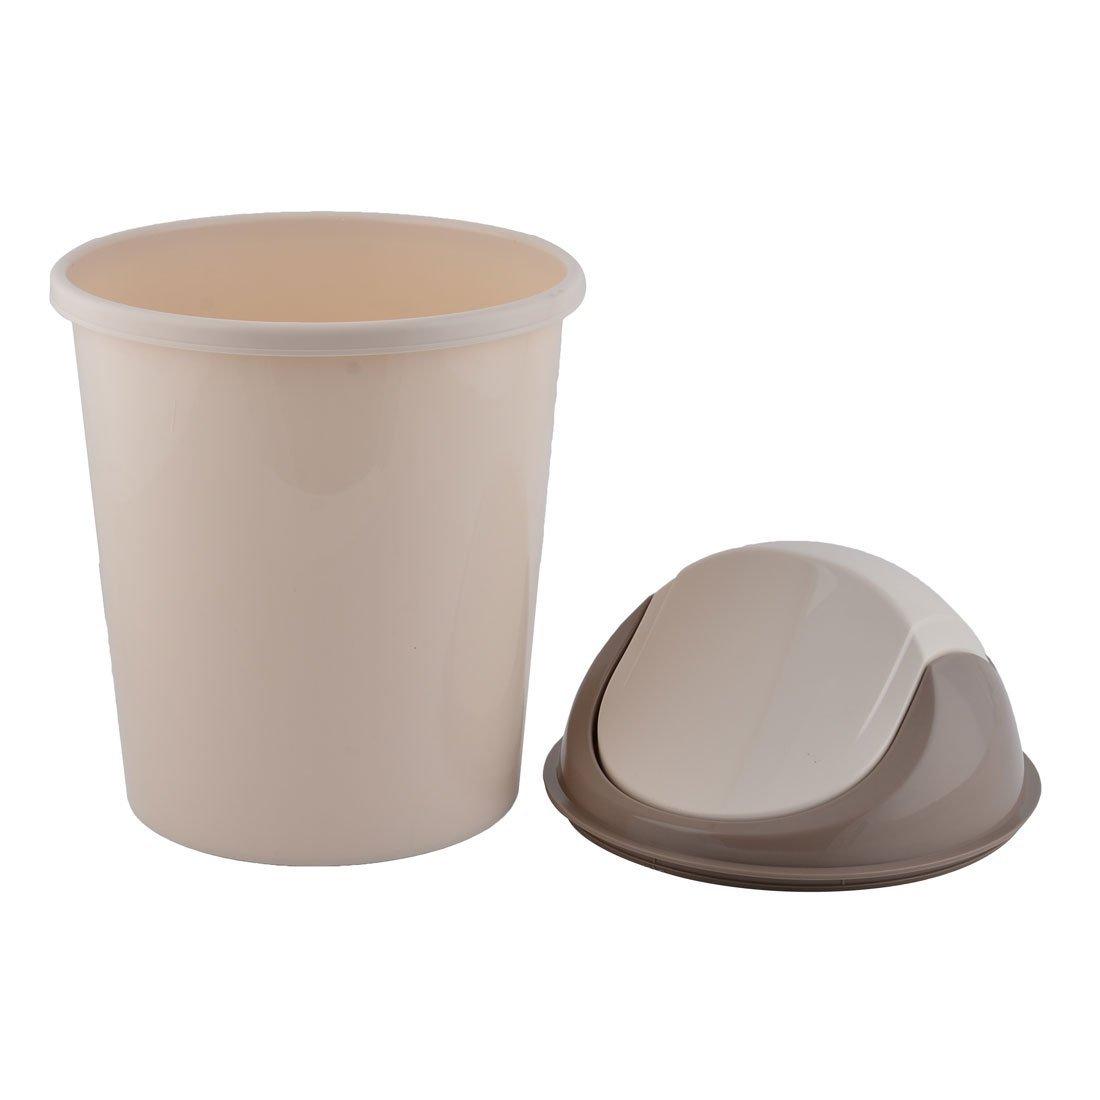 eDealMax cucina in plastica Spazzatura contenitore dei residui di bagagli Litter pattumiera Beige Color caffè